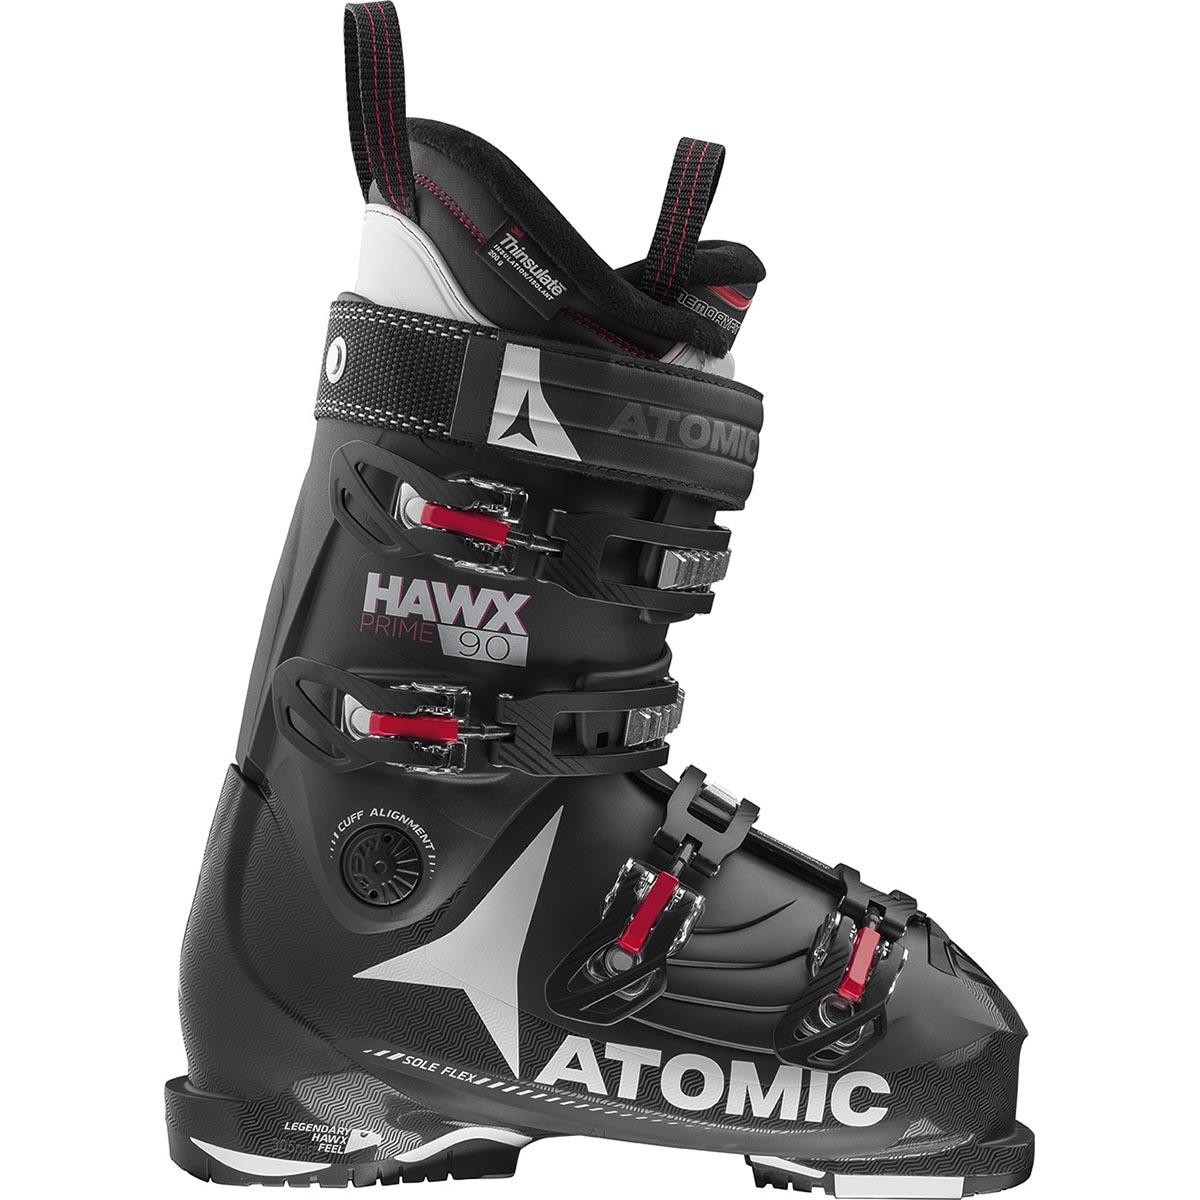 Ботинки лыжные HAWX PRIME 90